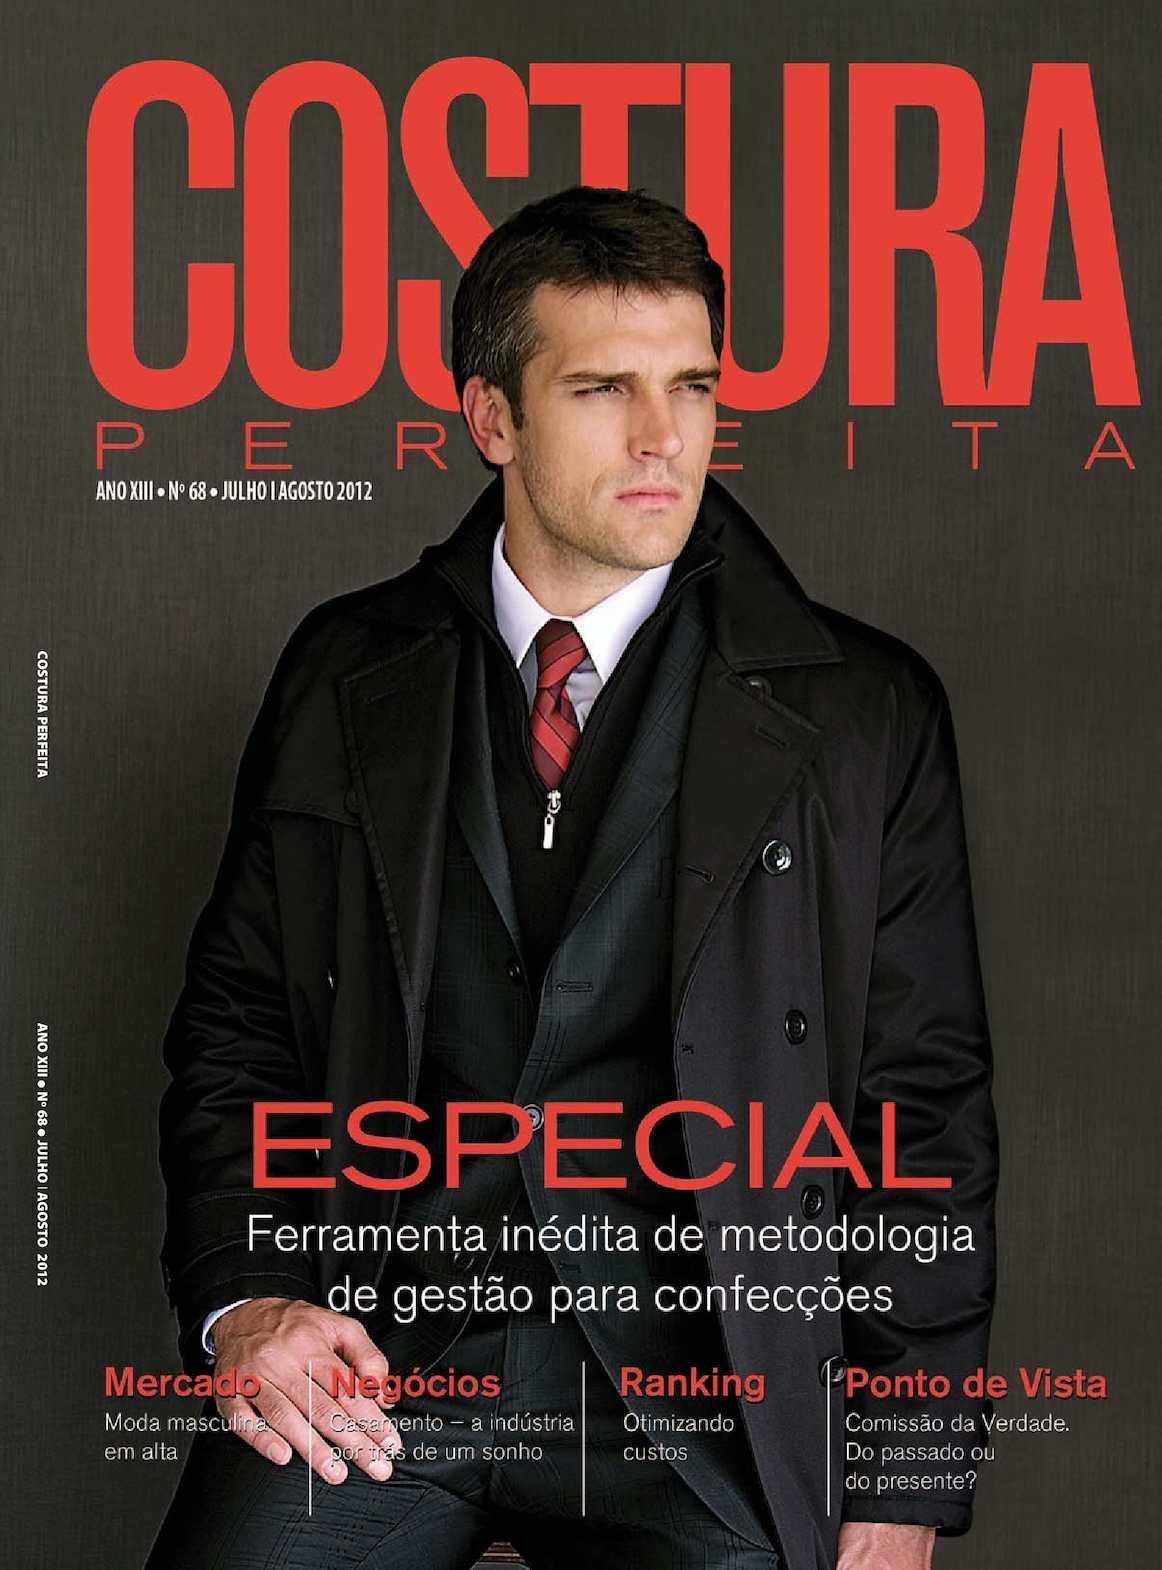 6d2a75ebe Calaméo - Revista Costura Perfeita Edição Ano XIII - N68 - Julho-Agosto 2012